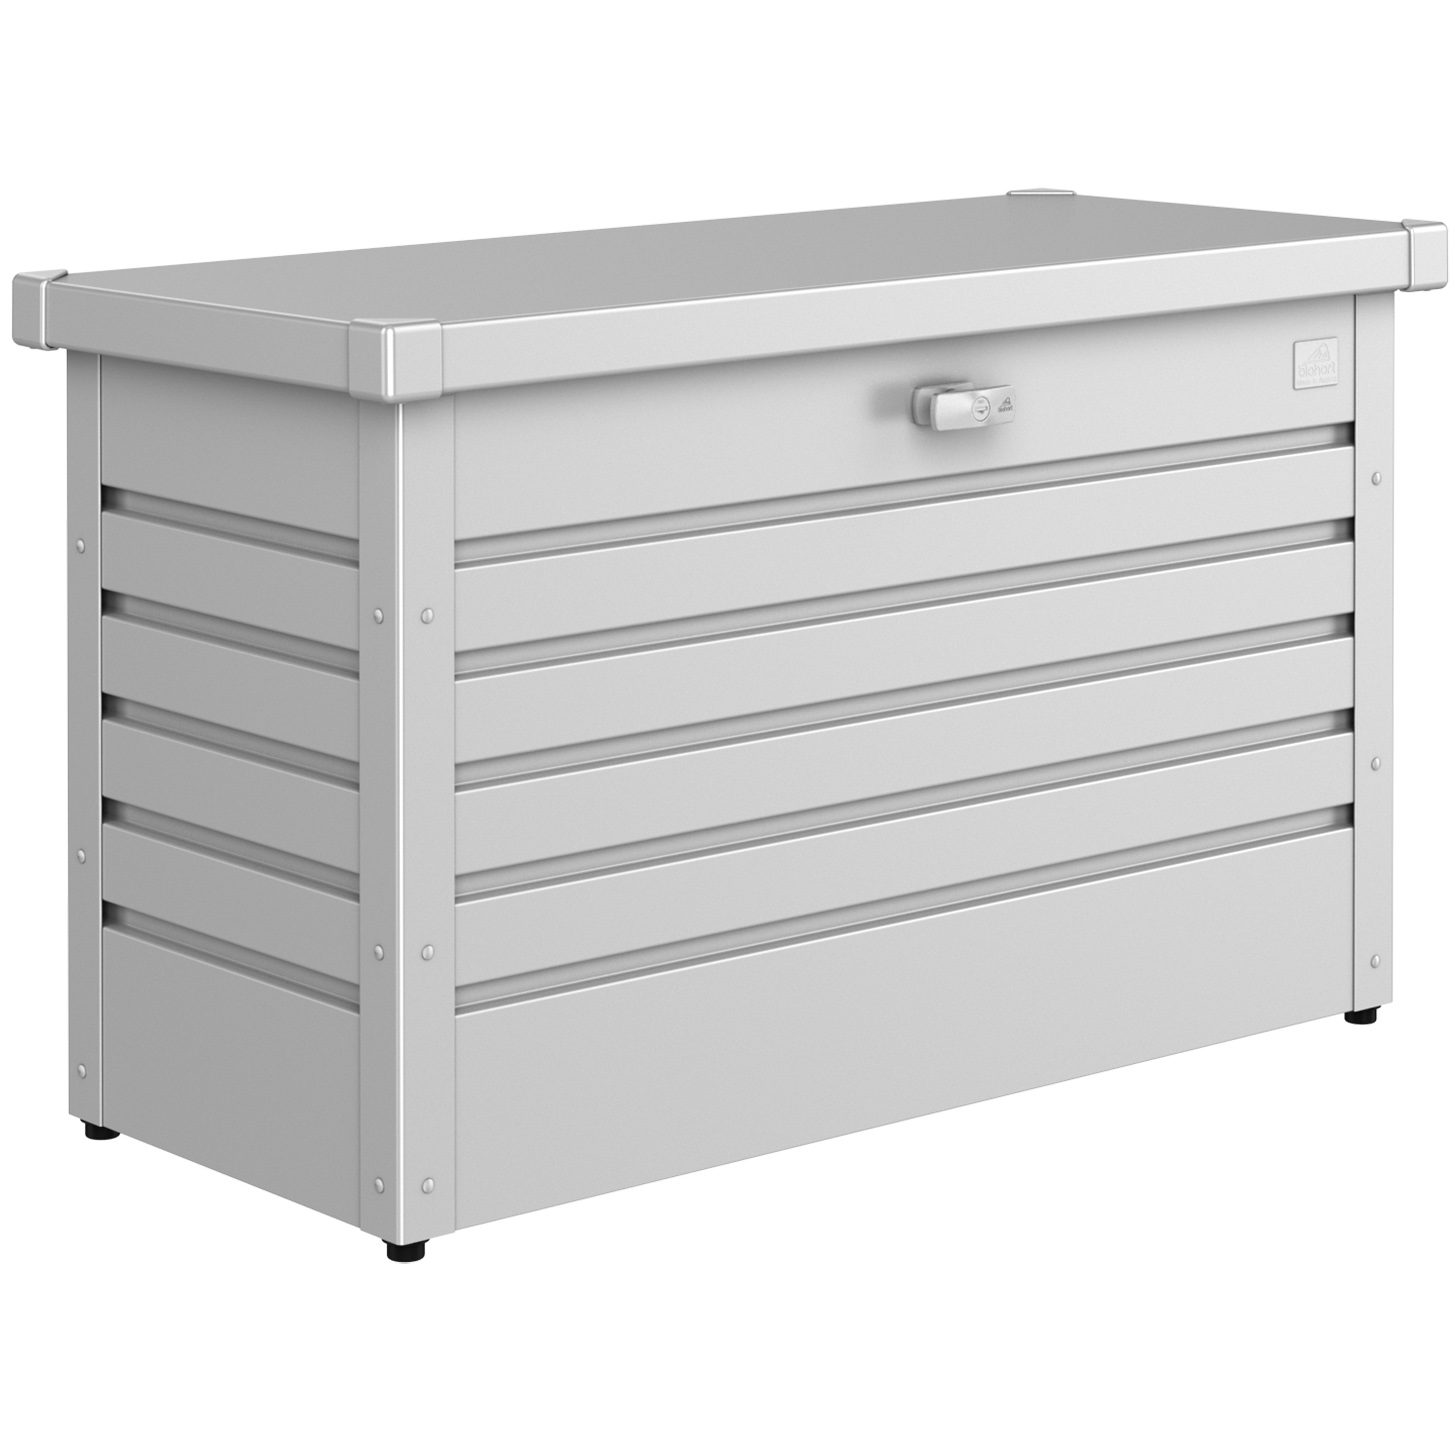 LeisureTime förvaringsbox 100, silver från Biohort